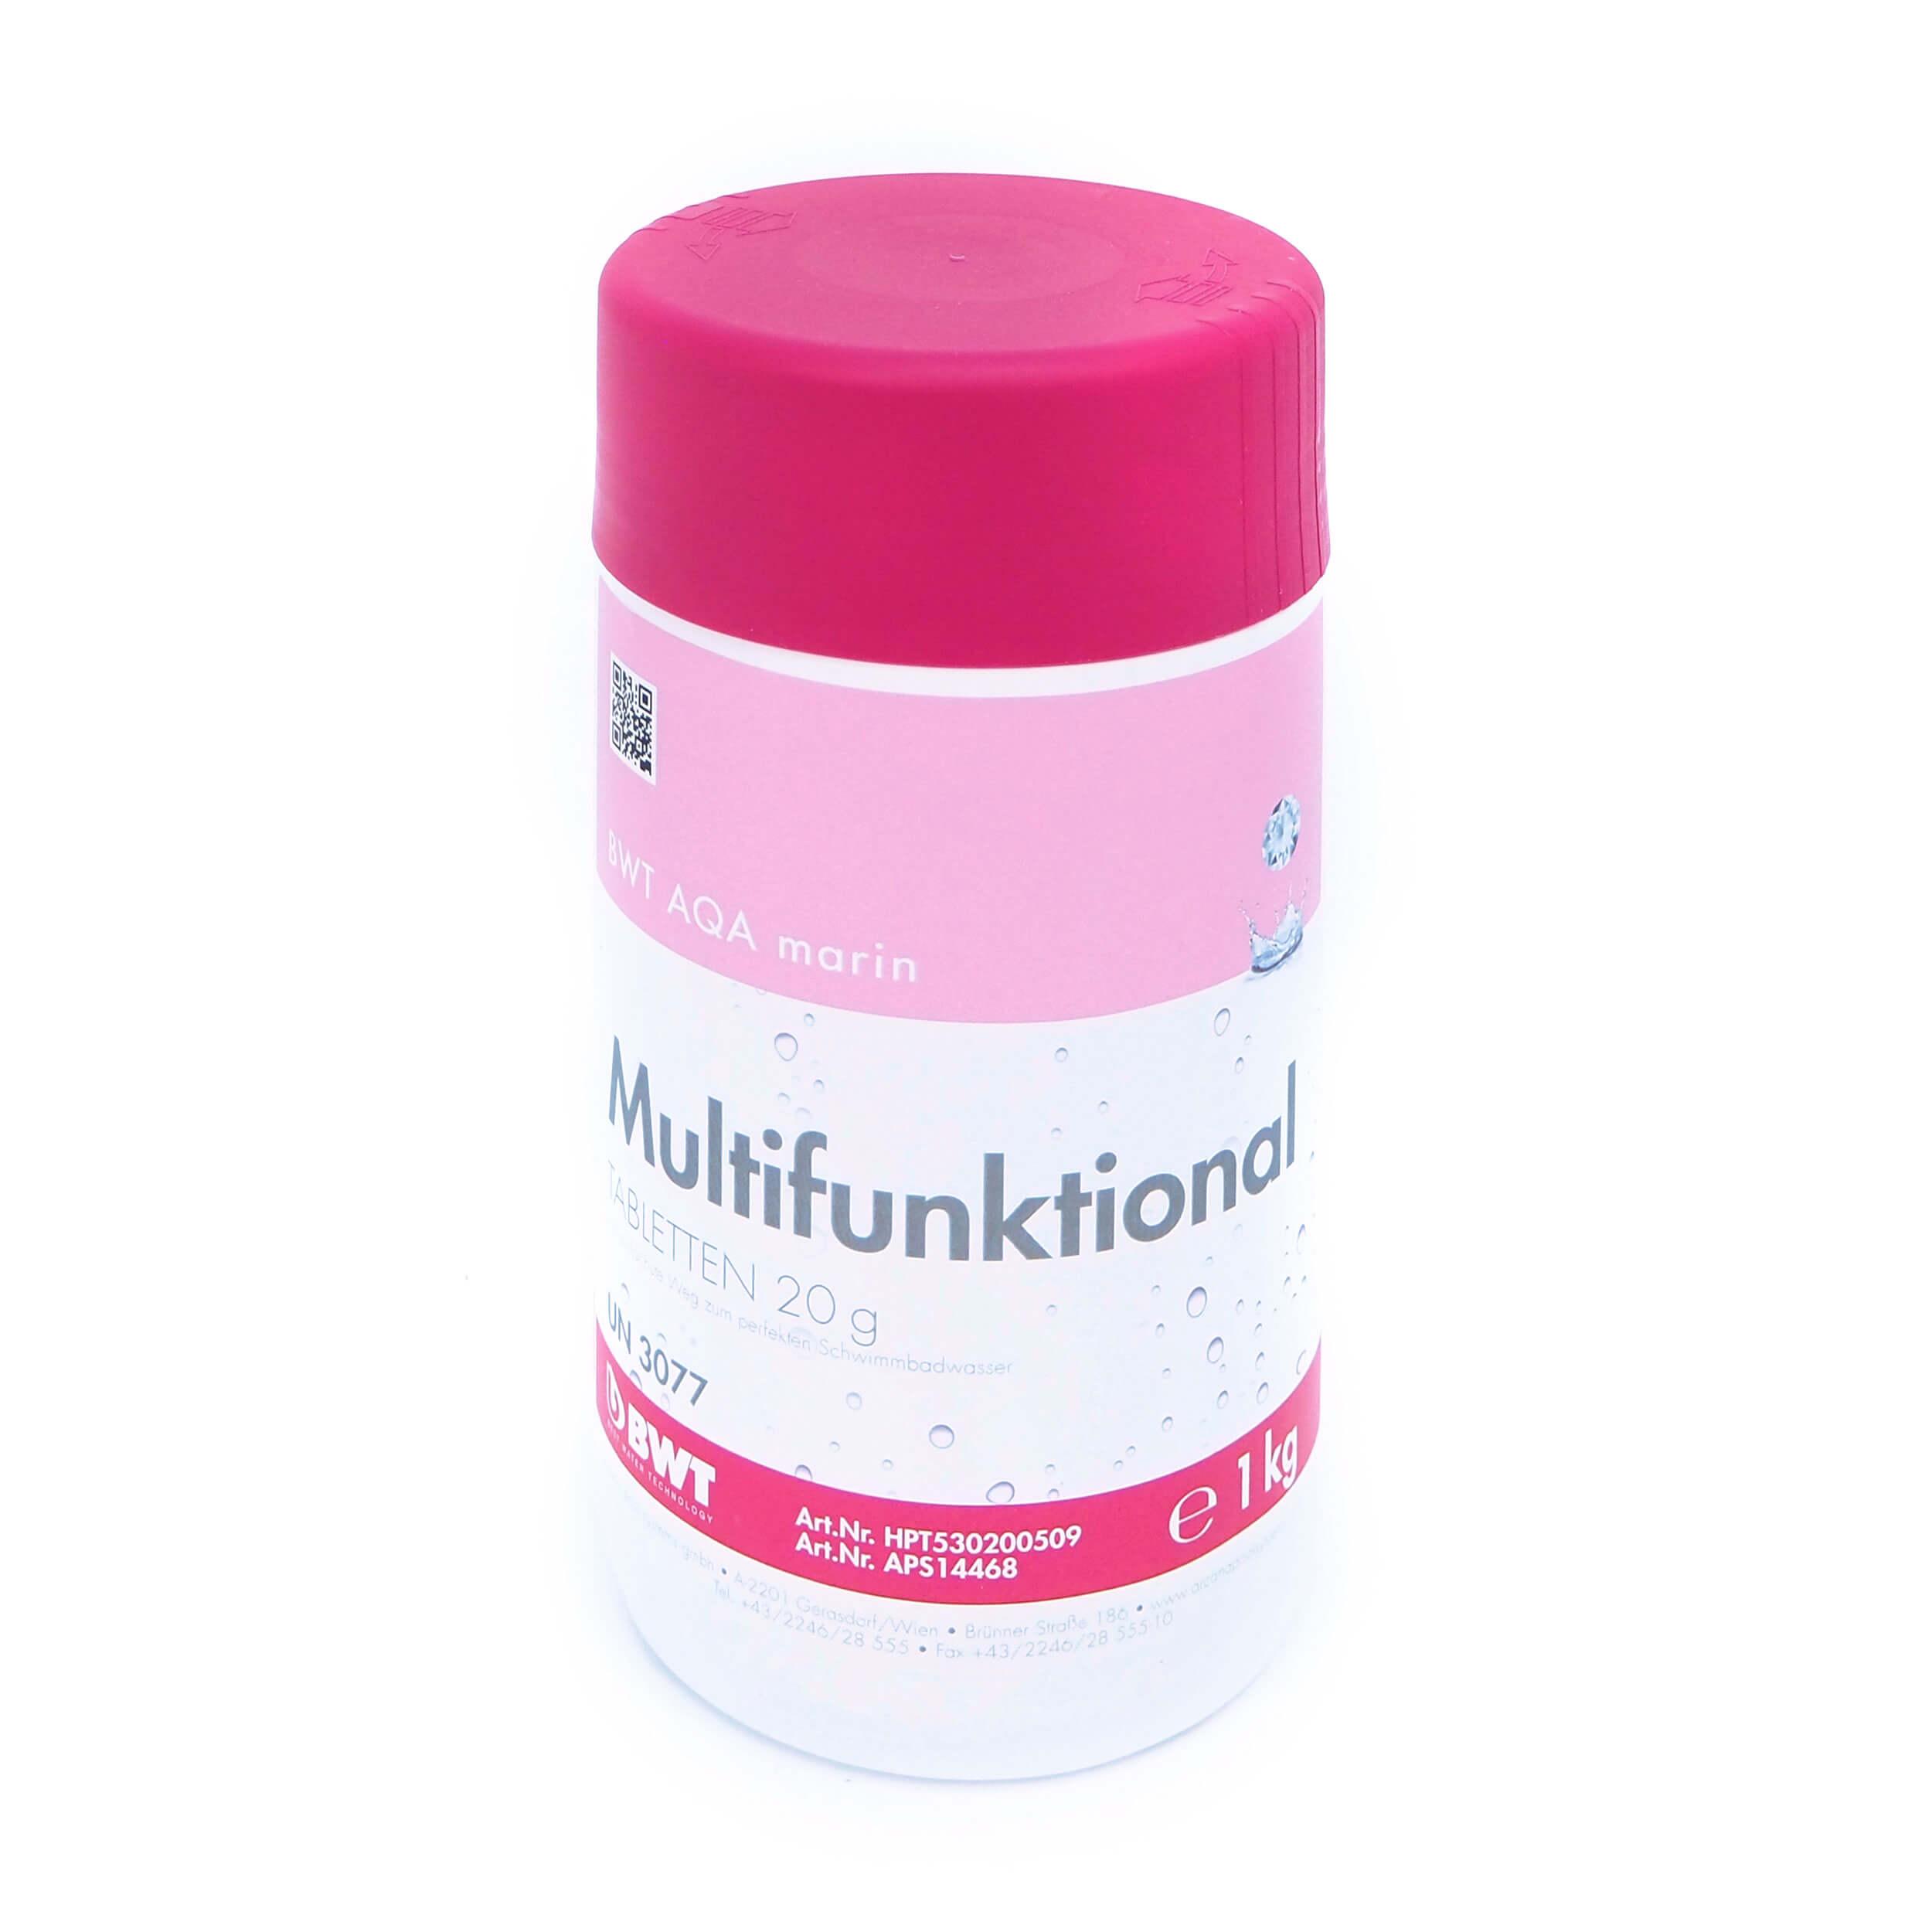 Multifunktional Chlor Tabletten 80% 20g 1kg